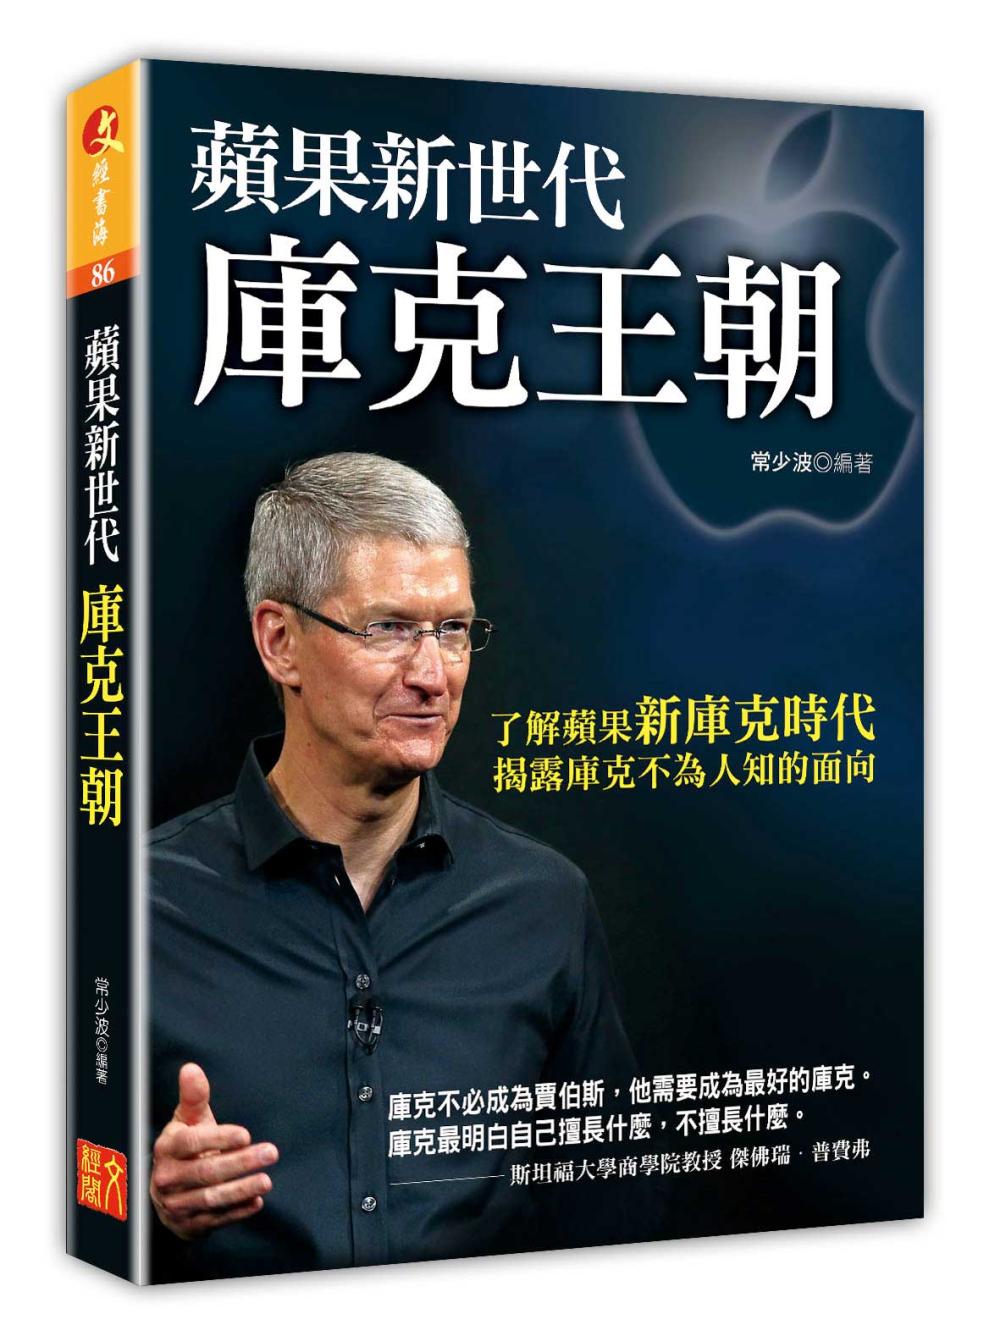 蘋果新世代:庫克王朝